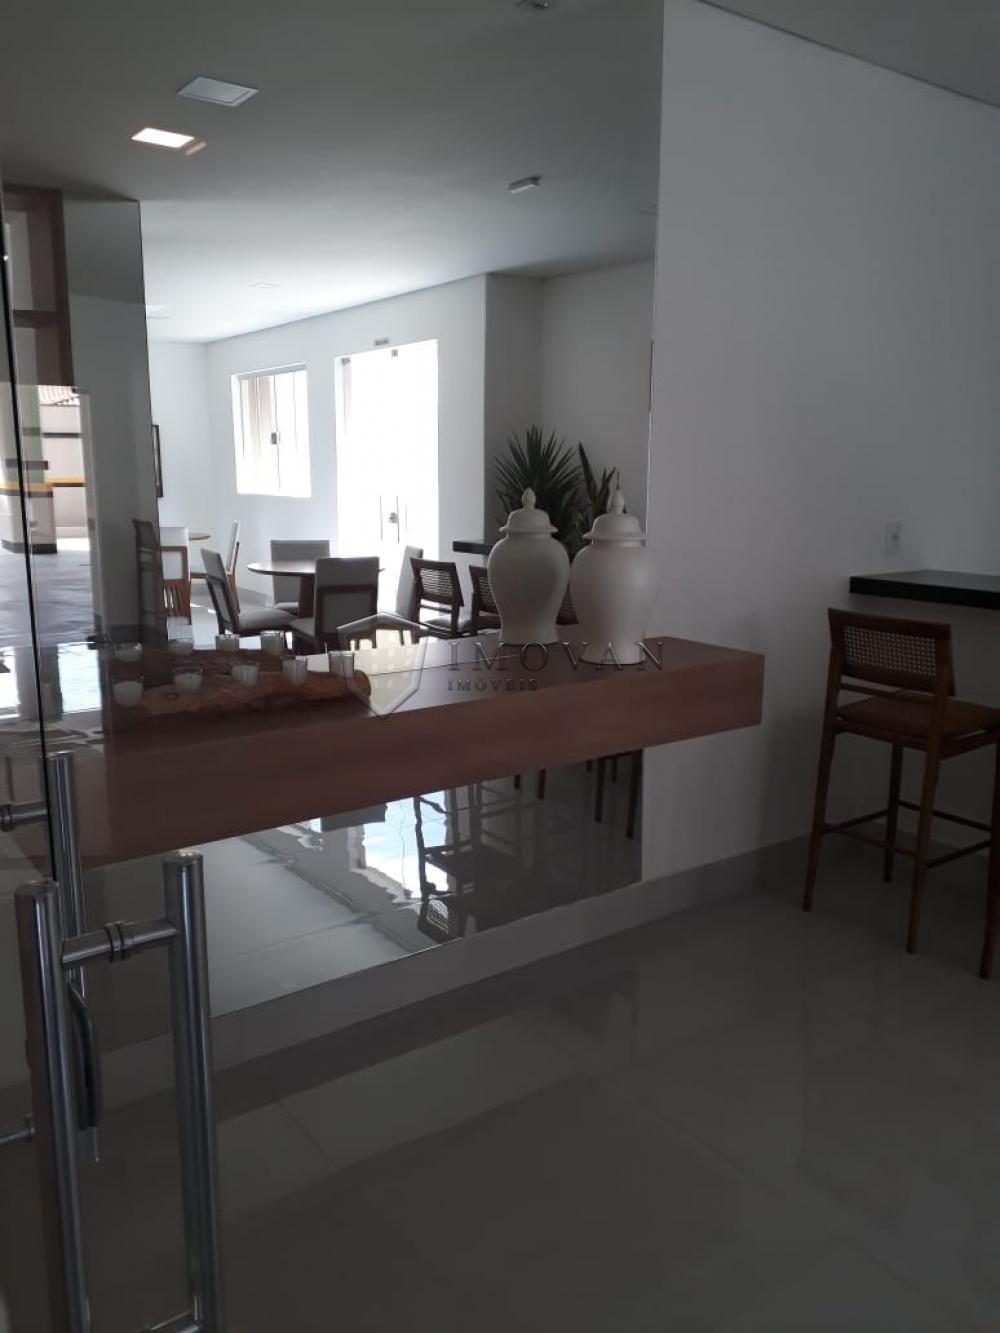 Comprar Apartamento / Padrão em Ribeirão Preto apenas R$ 350.000,00 - Foto 25